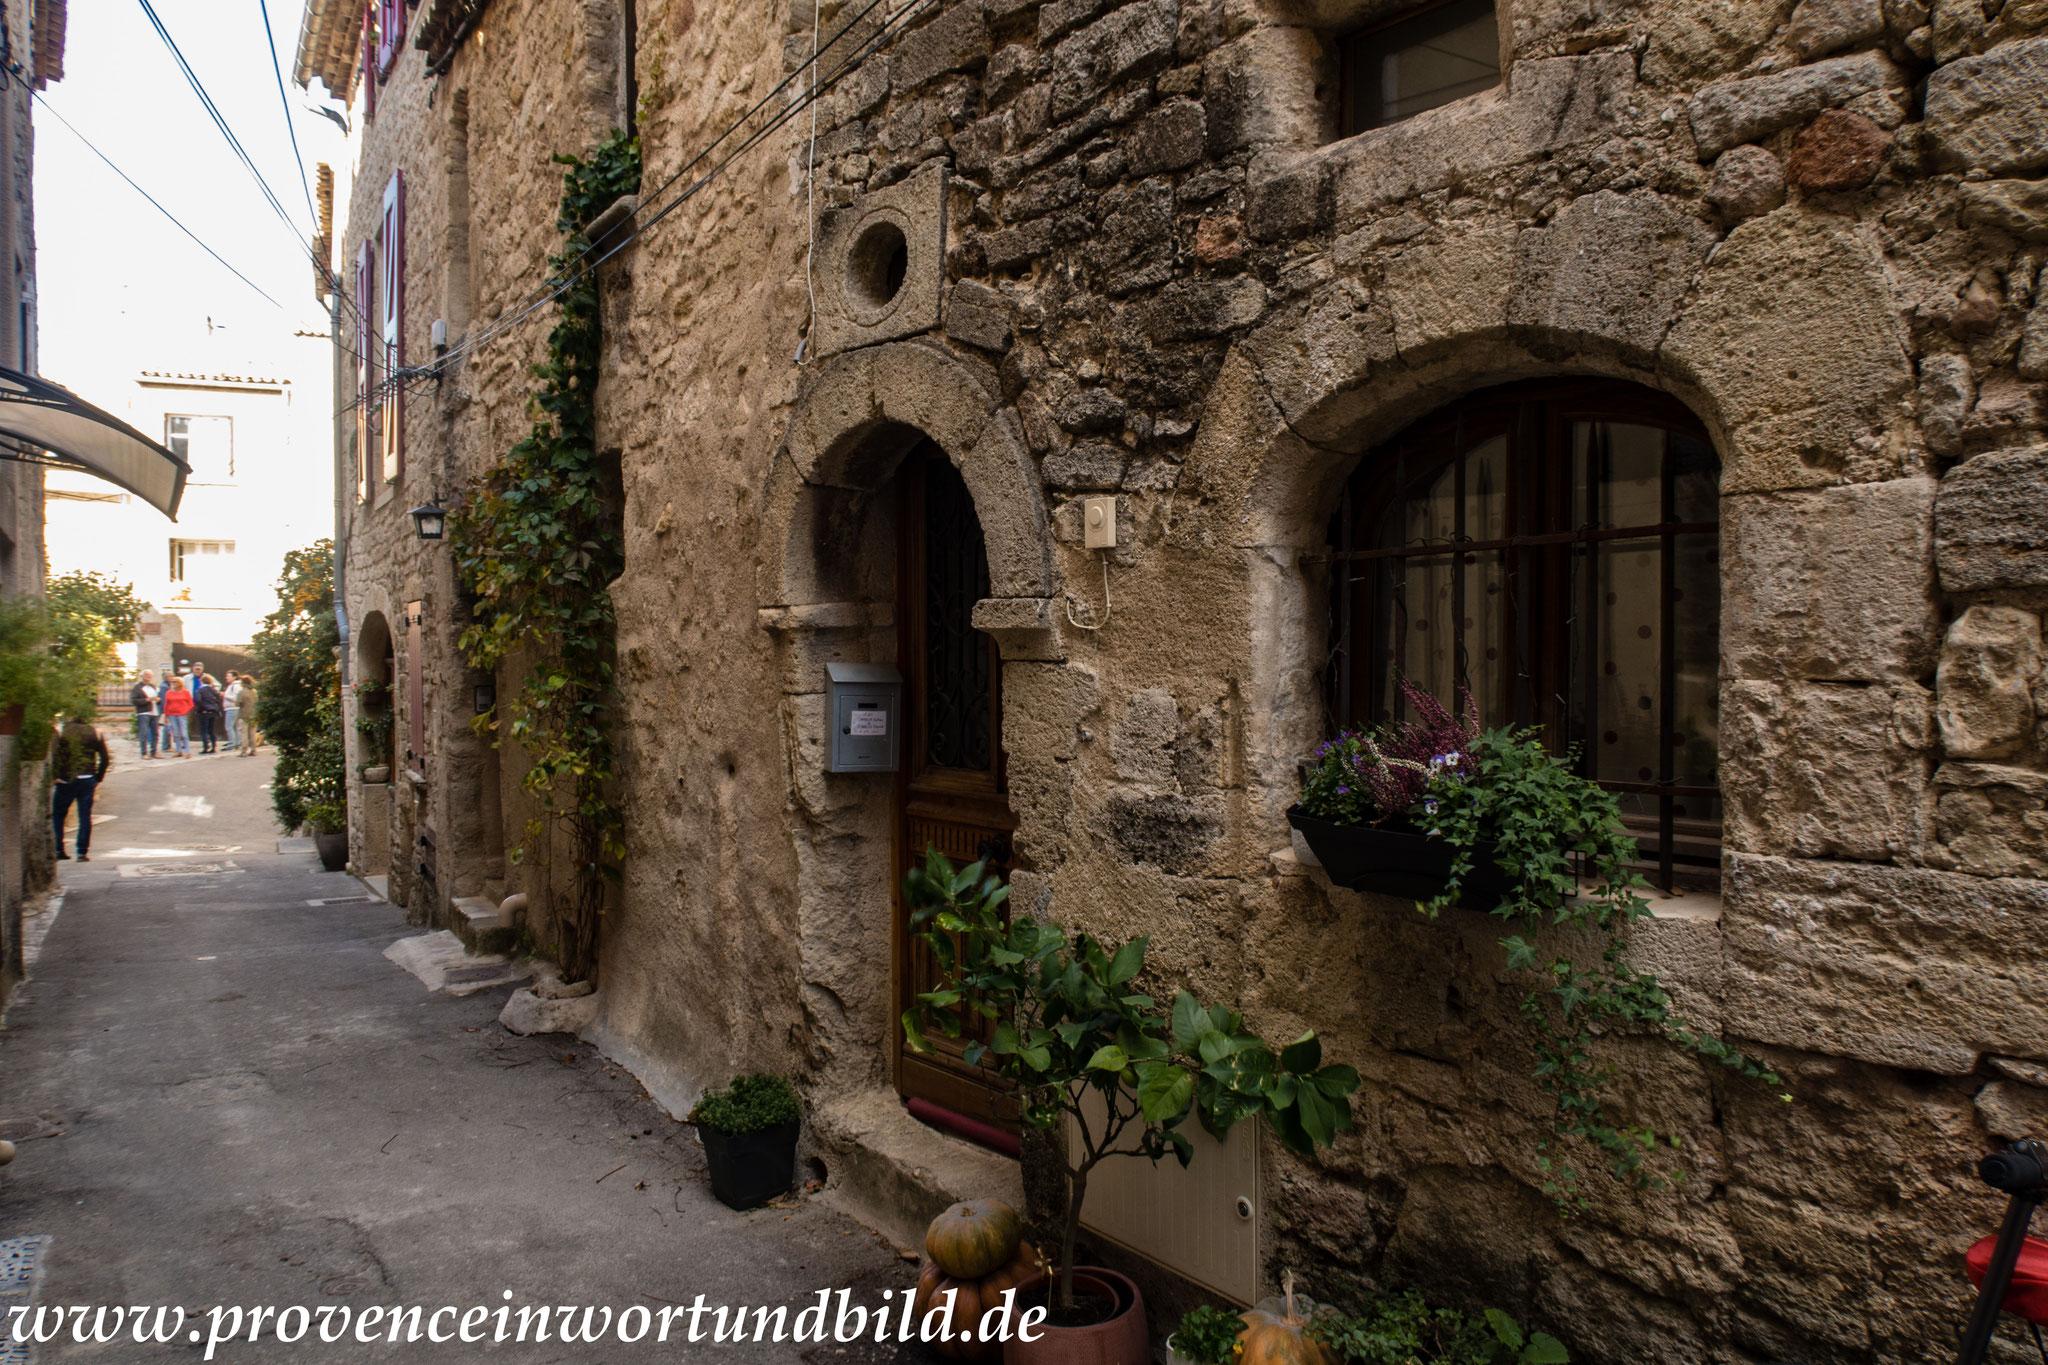 Bild: Cucuron, Vaucluse, Provence